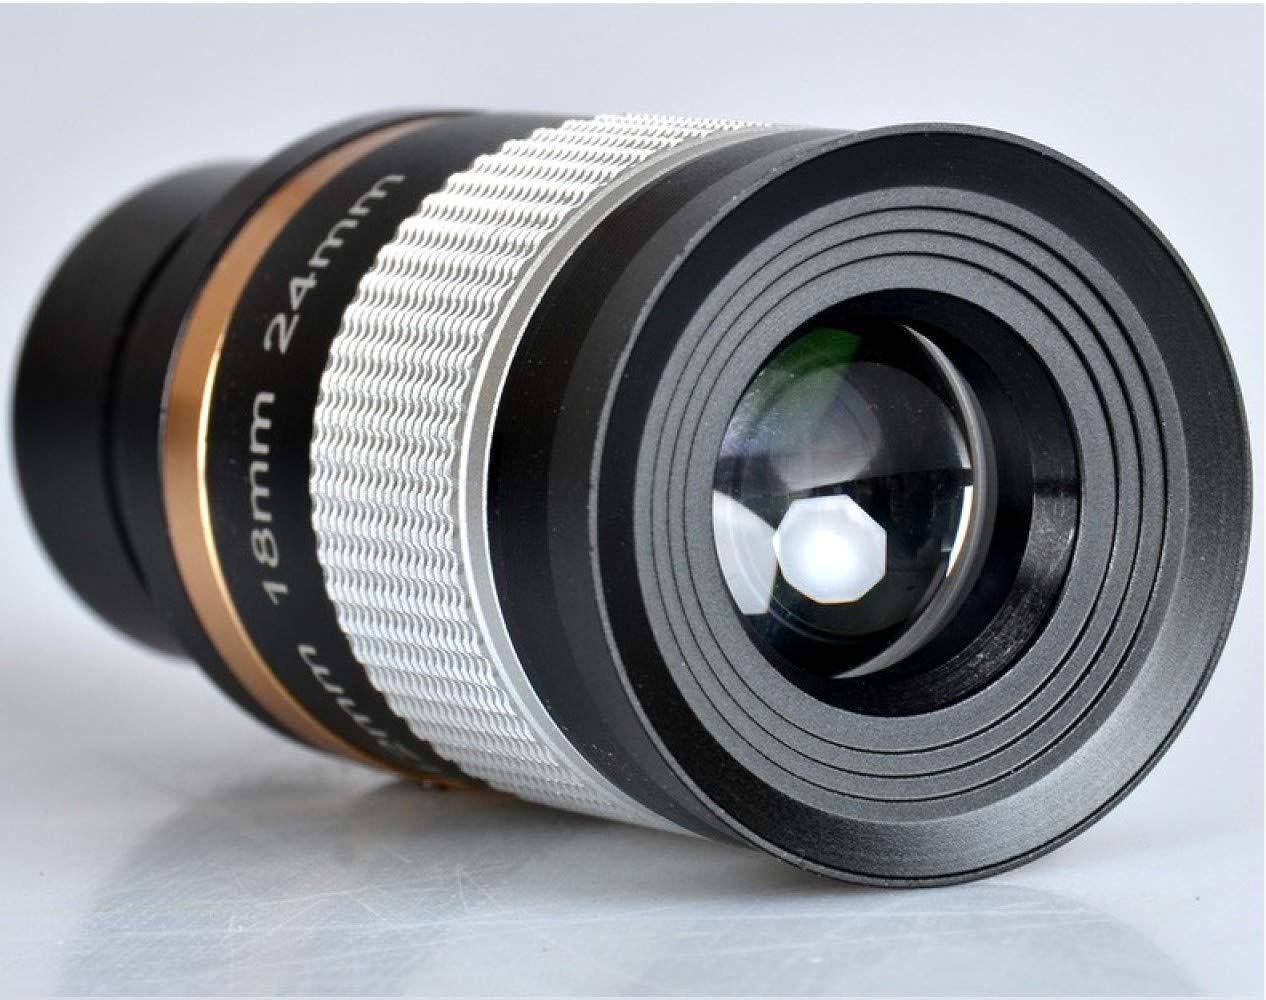 Wyj astronomisches teleskop 8 24mm okular mit kontinuierlichem zoom